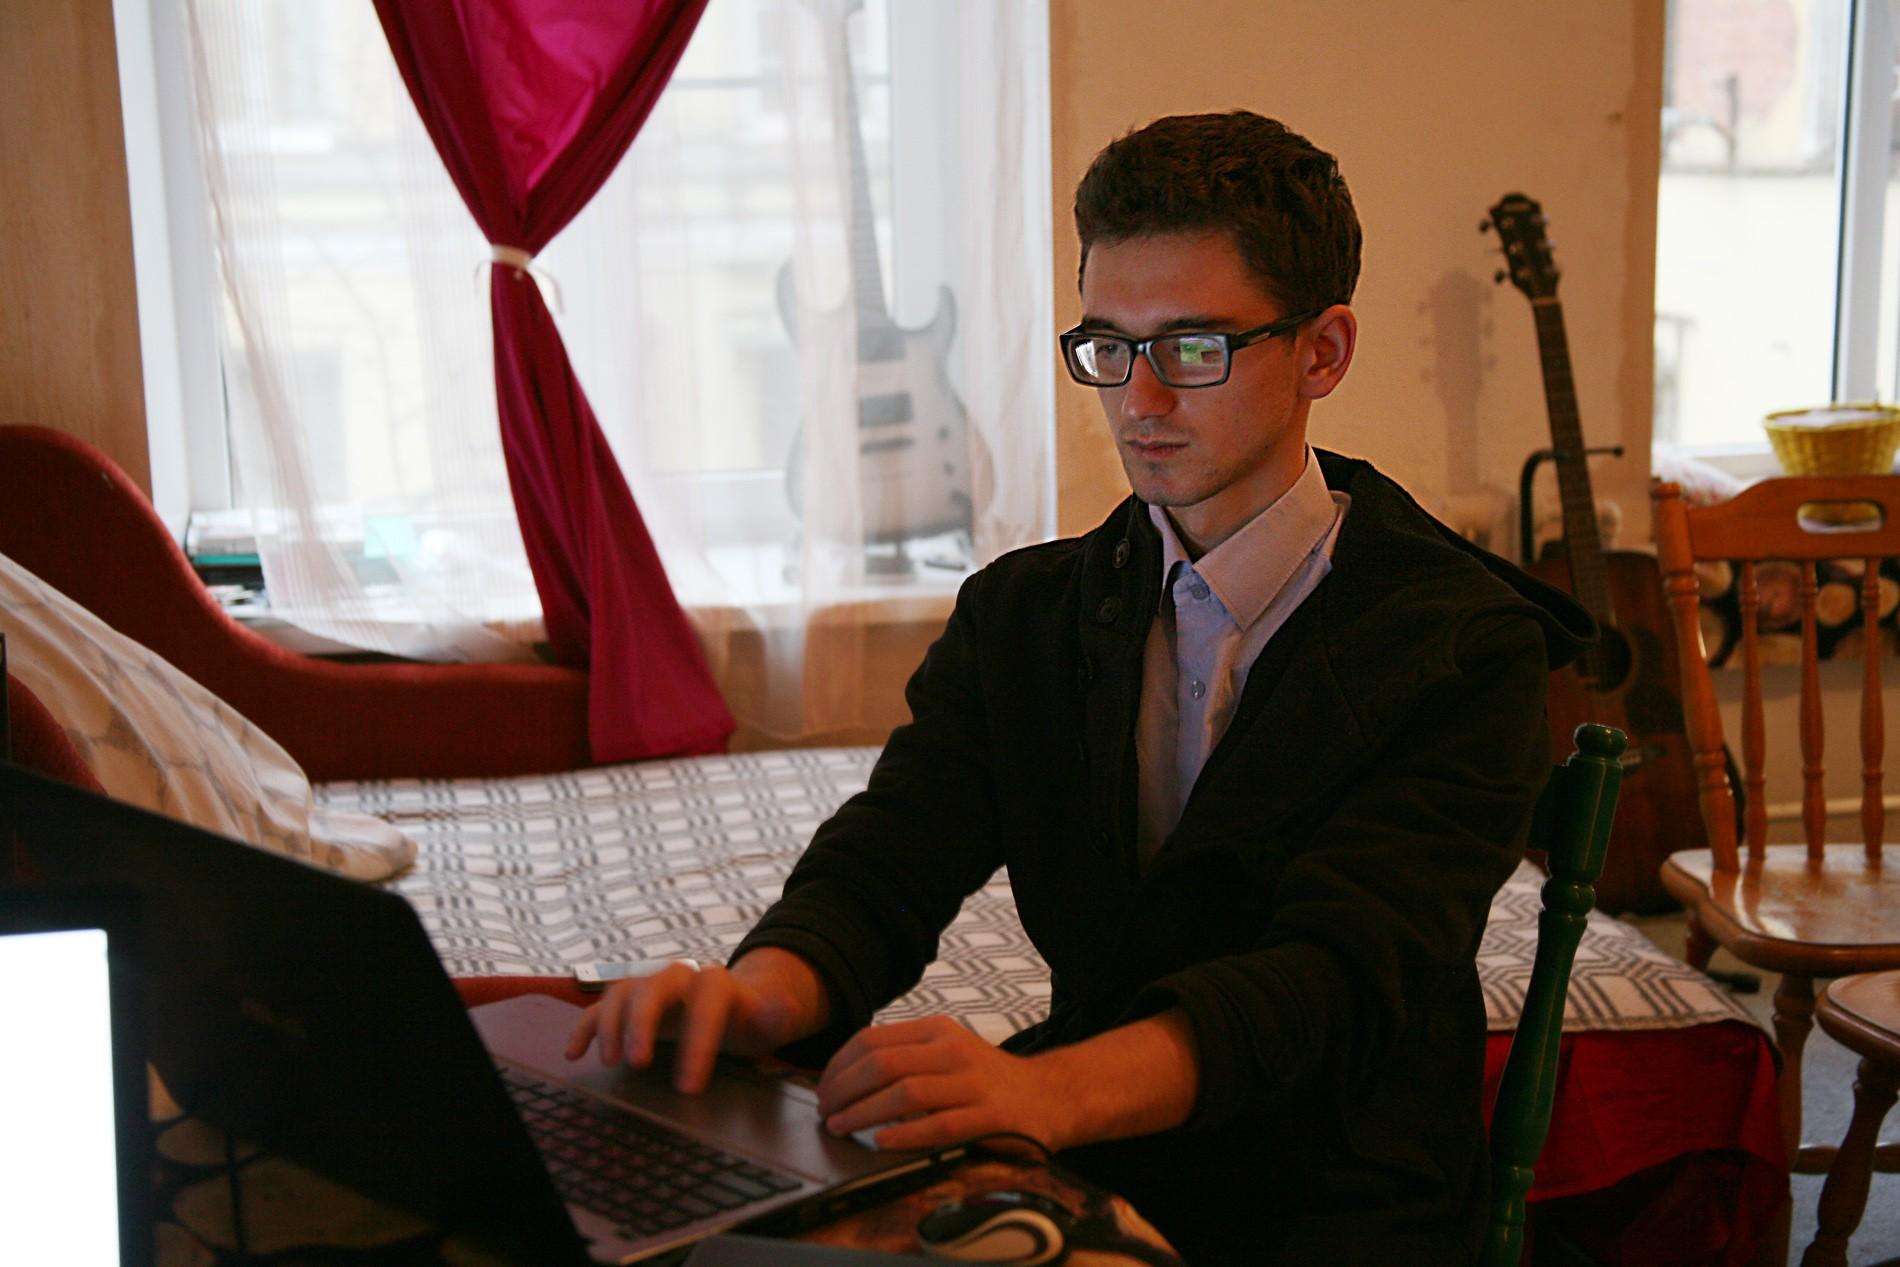 Сайты знакомств для женщин платно мужчин